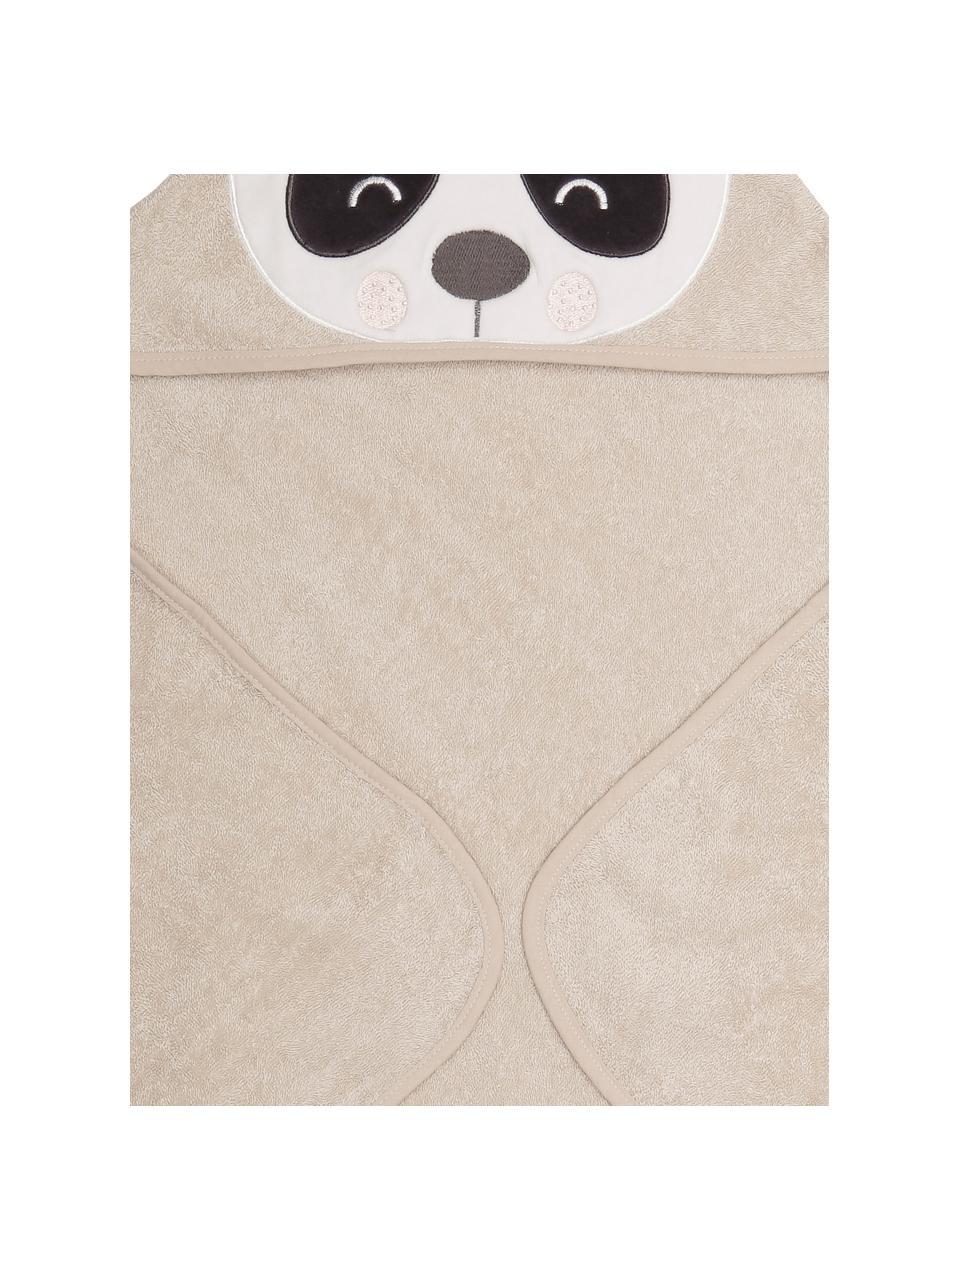 Cape de bain en coton bio Panda Penny, Beige, blanc, gris foncé